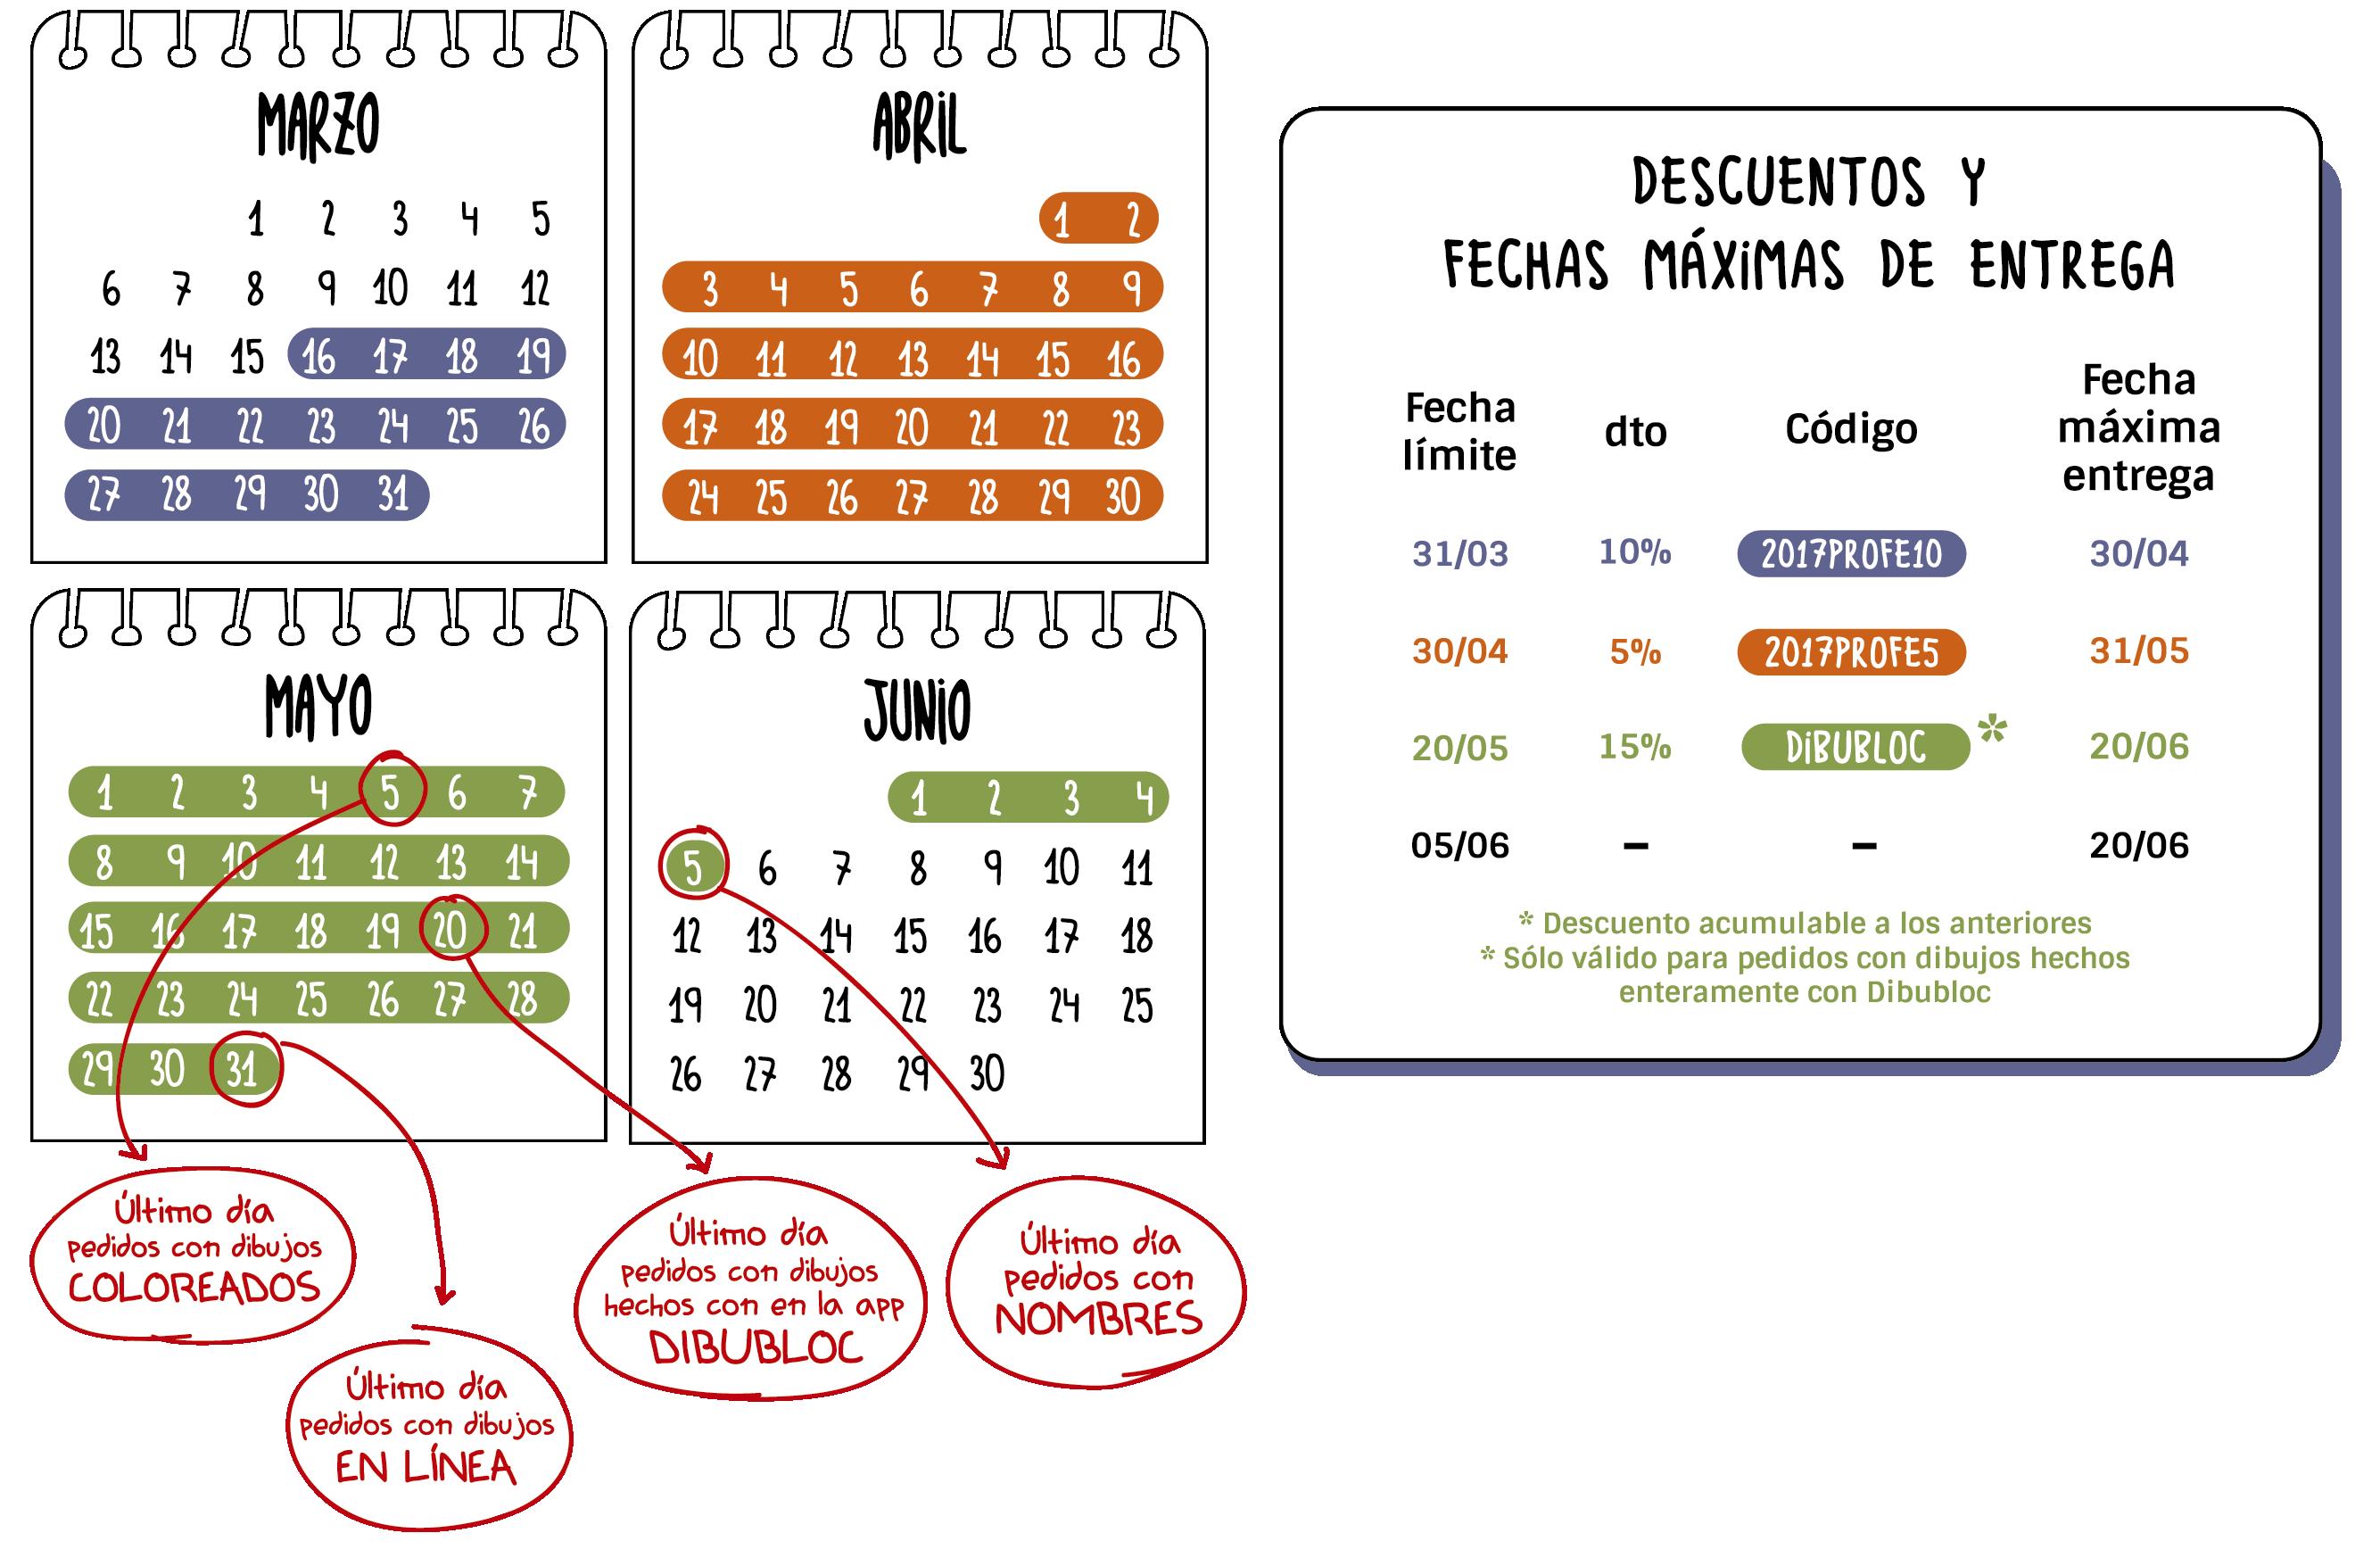 Calendario Regalos al Profe MrBroc